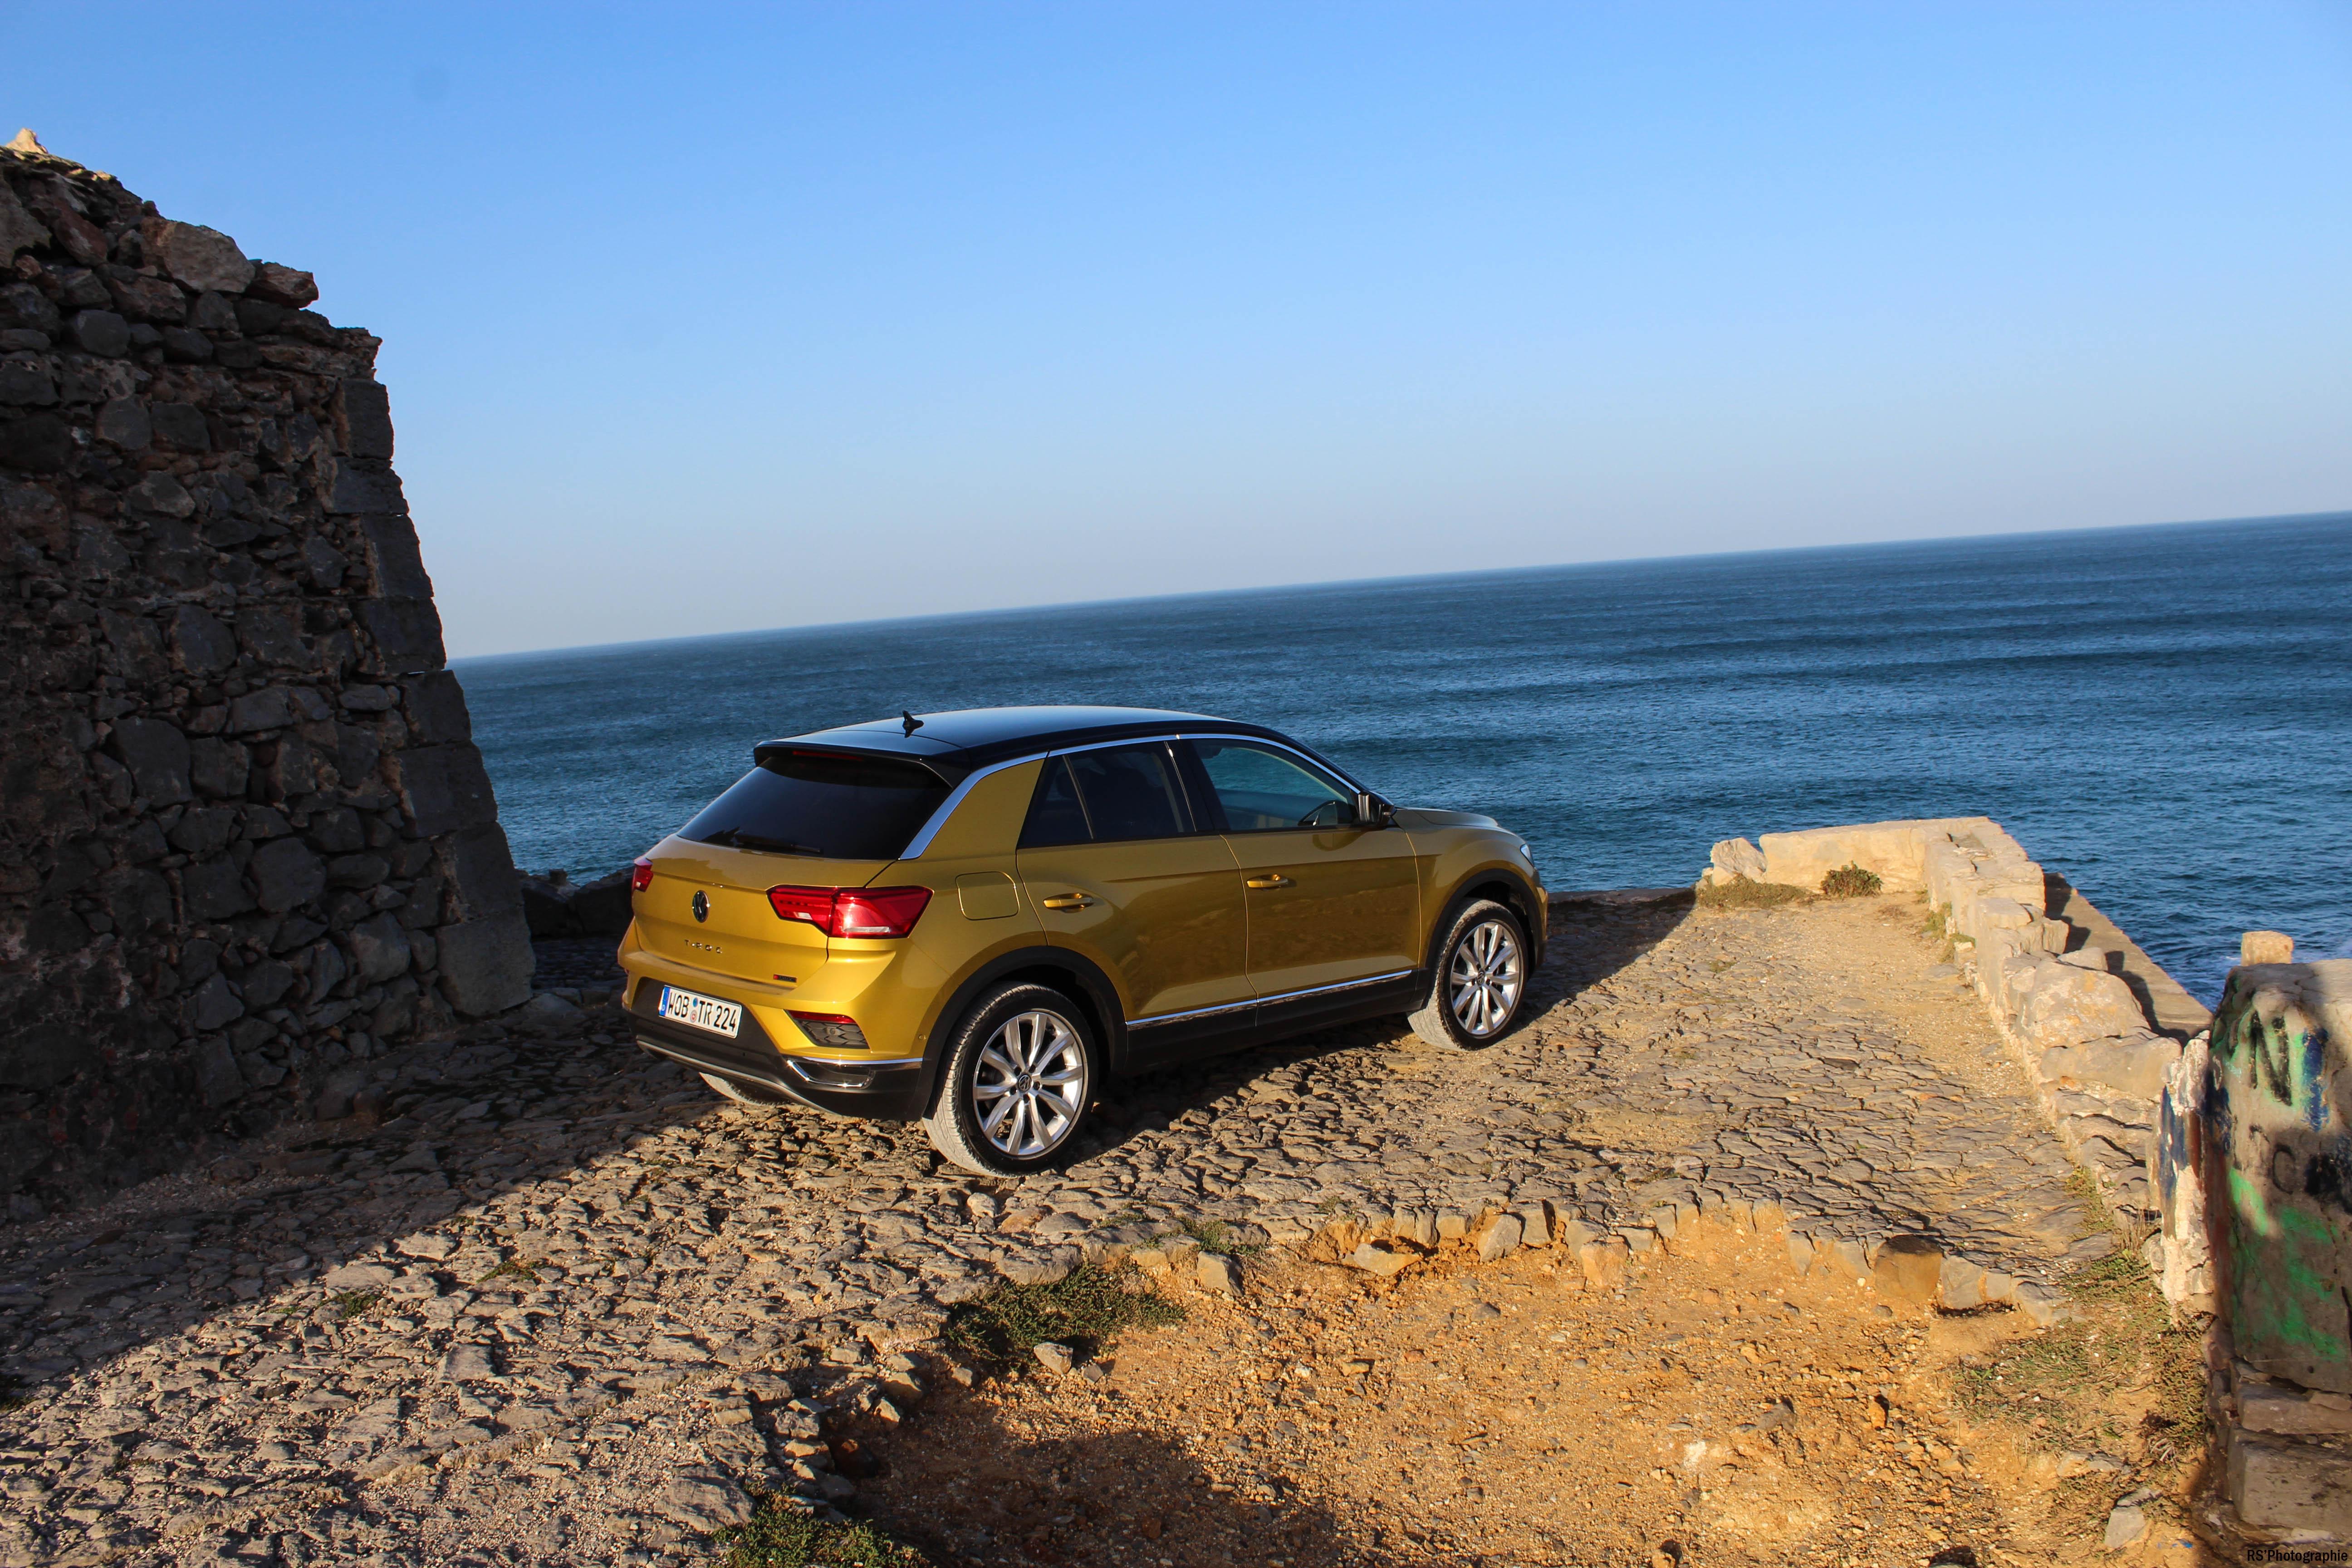 Volkswagentroc98-vw-t-roc-arriere-rear-Arnaud Demasier-RSPhotographie